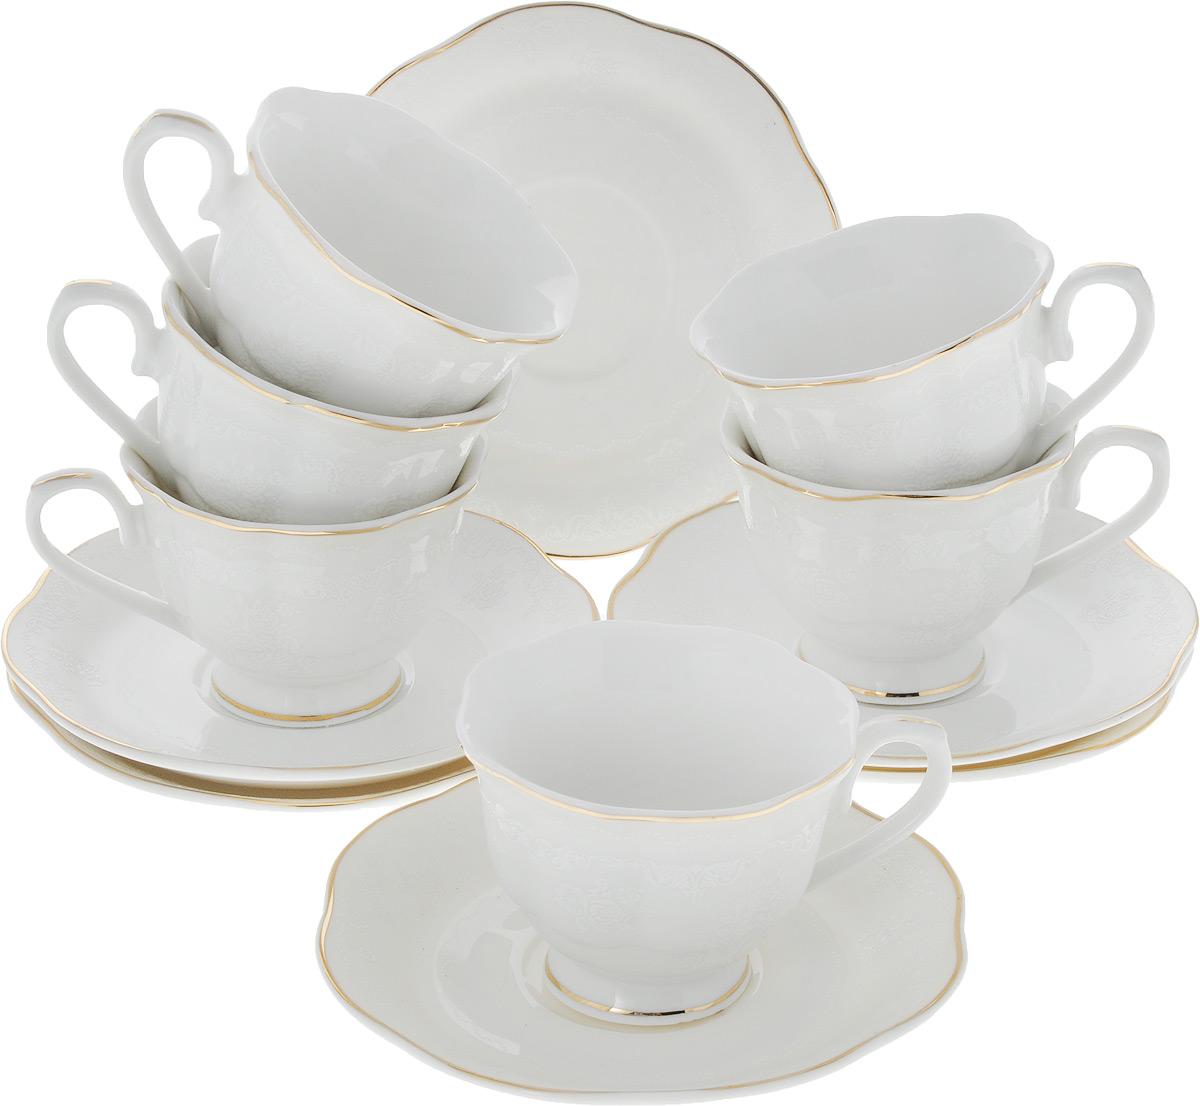 Сервиз кофейный Loraine, 12 предметов. 26446VT-1520(SR)Кофейный сервиз Loraine на 6 персон выполнен из высококачественного костяного фарфора - материала, безопасного для здоровья и надолго сохраняющего тепло напитка. В наборе 6 чашек и 6 блюдец. Несмотря на свою внешнюю хрупкость, каждый из предметов набора обладает высокой прочностью и надежностью. Изделия украшены тонкой золотой каймой, внешние стенки дополнены рельефным цветочным орнаментом. Элегантный классический дизайн сделает этот набор изысканным украшением любого стола. Набор упакован в подарочную коробку, поэтому его можно преподнести в качестве оригинального и практичного подарка для родных и близких. Объем чашки: 80 мл. Диаметр чашки (по верхнему краю): 7 см. Высота чашки: 5,5 см. Диаметр блюдца: 11,5 см.